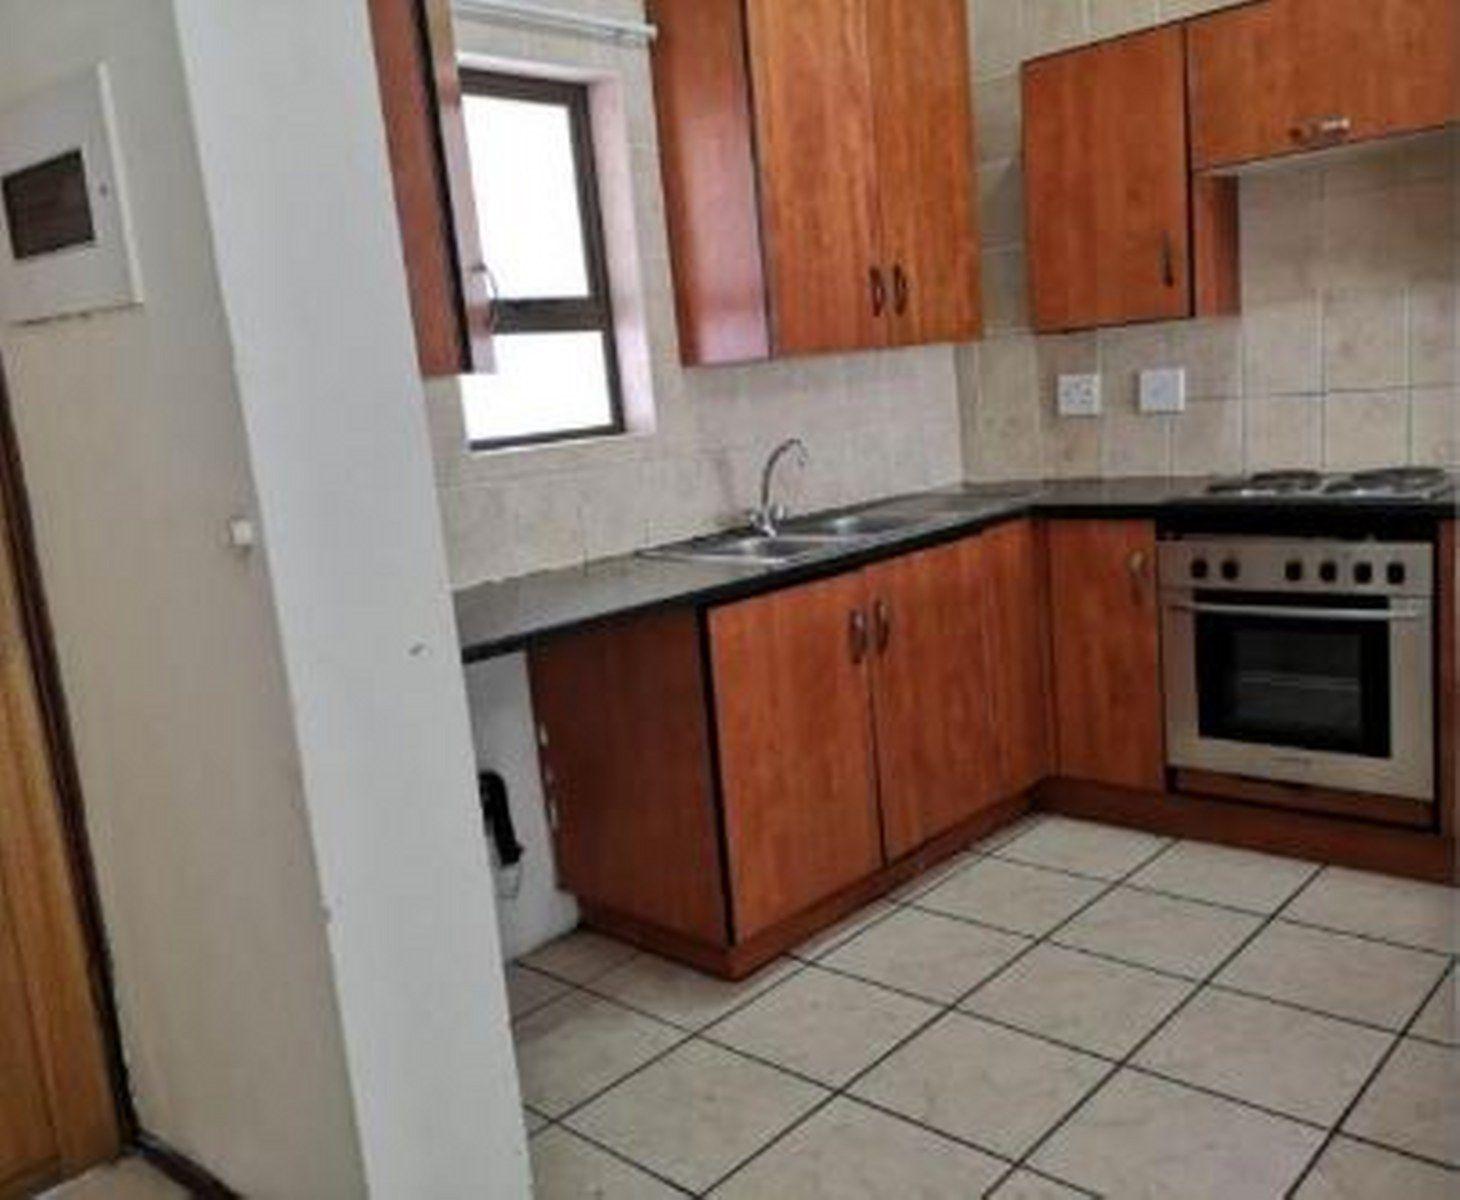 Kitchen 2_1460x1200.JPG